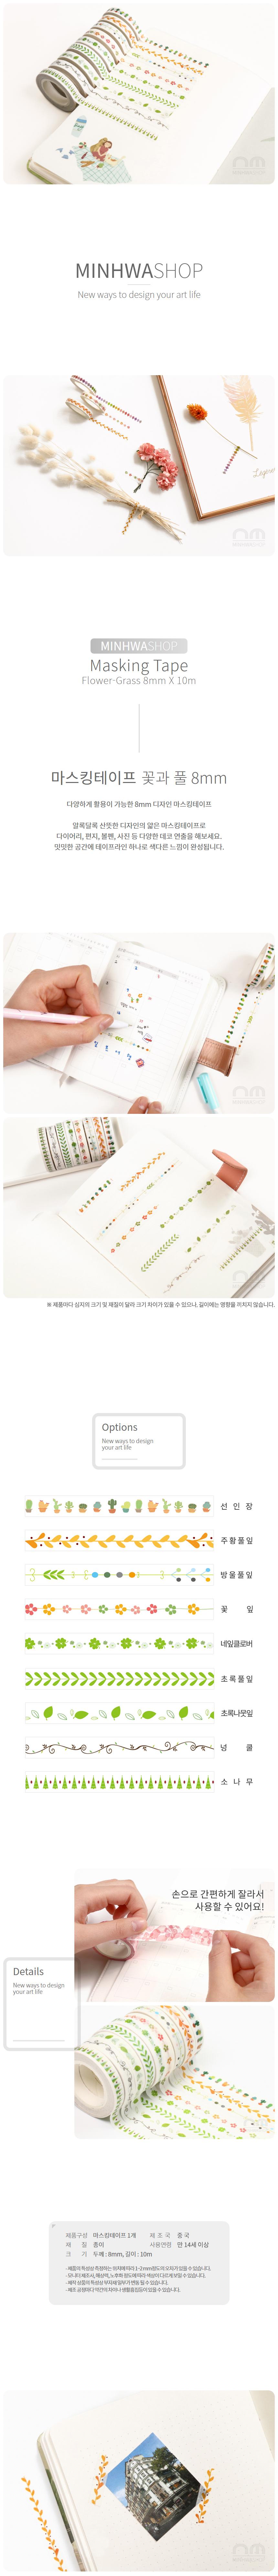 꽃과풀 디자인 마스킹테이프 8mm - 민화샵, 1,500원, 마스킹 테이프, 종이 마스킹테이프